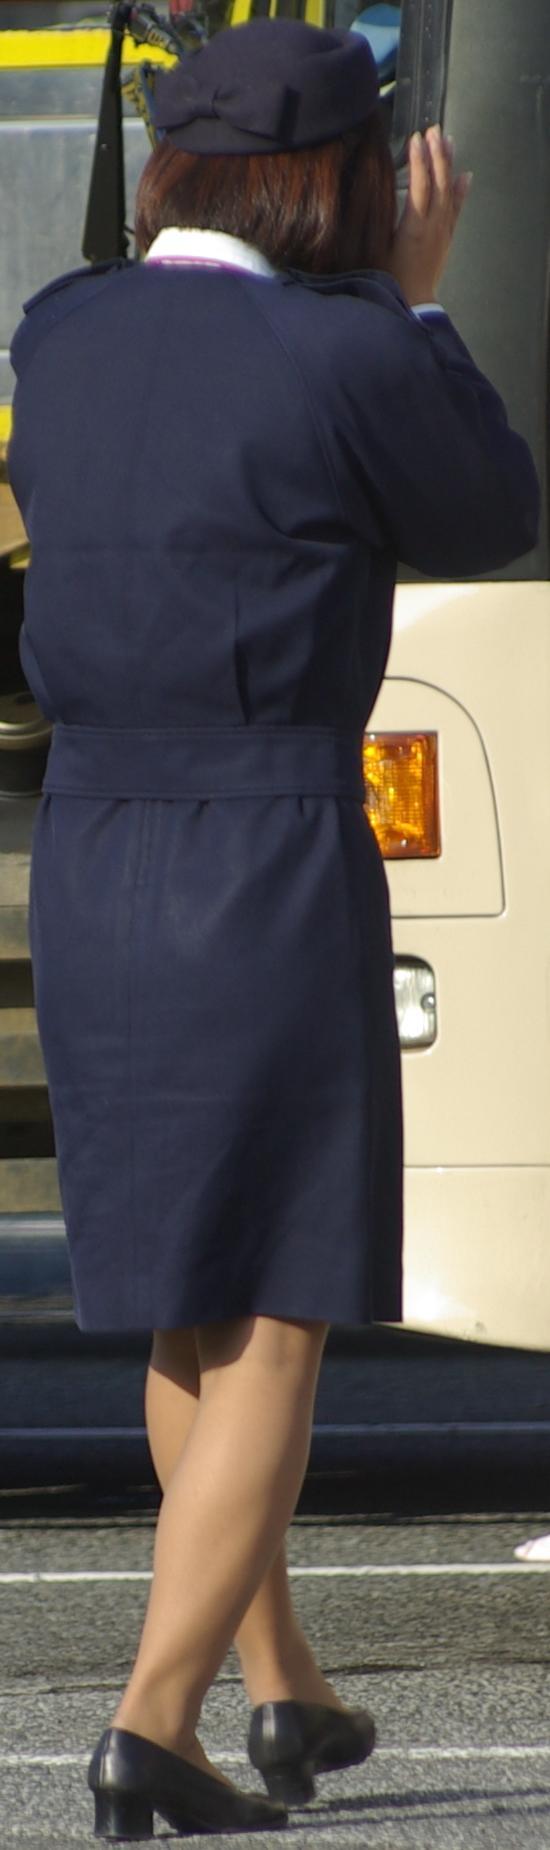 美脚バスガイドの巨尻ミニタイトスカートが素晴らしい11枚目